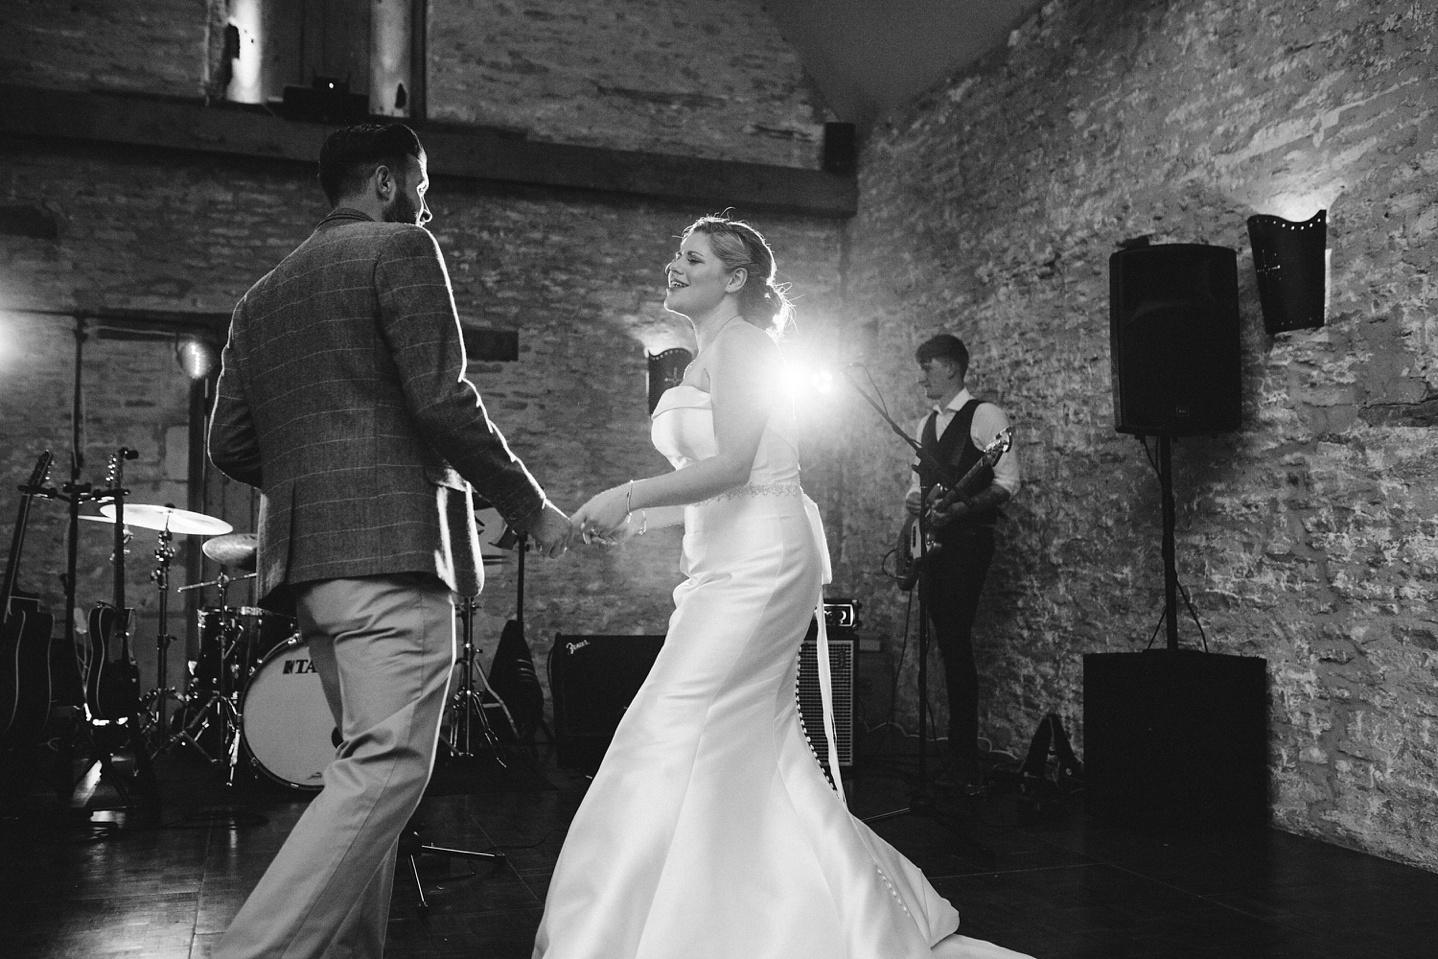 Oxleaze-Barn-Wedding-Photographer_0149.jpg